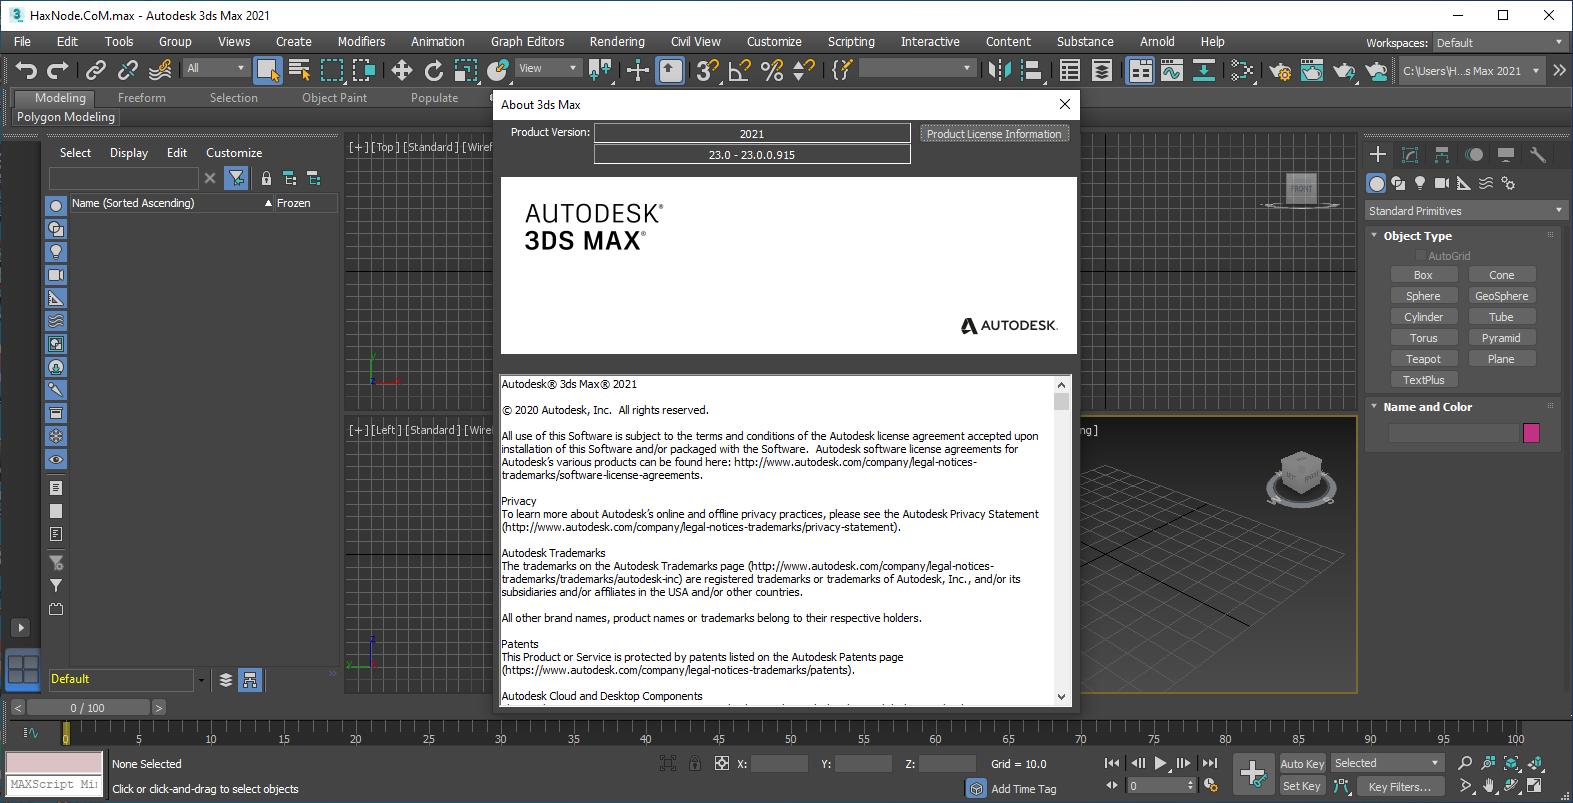 autodesk3dsmax2021-1